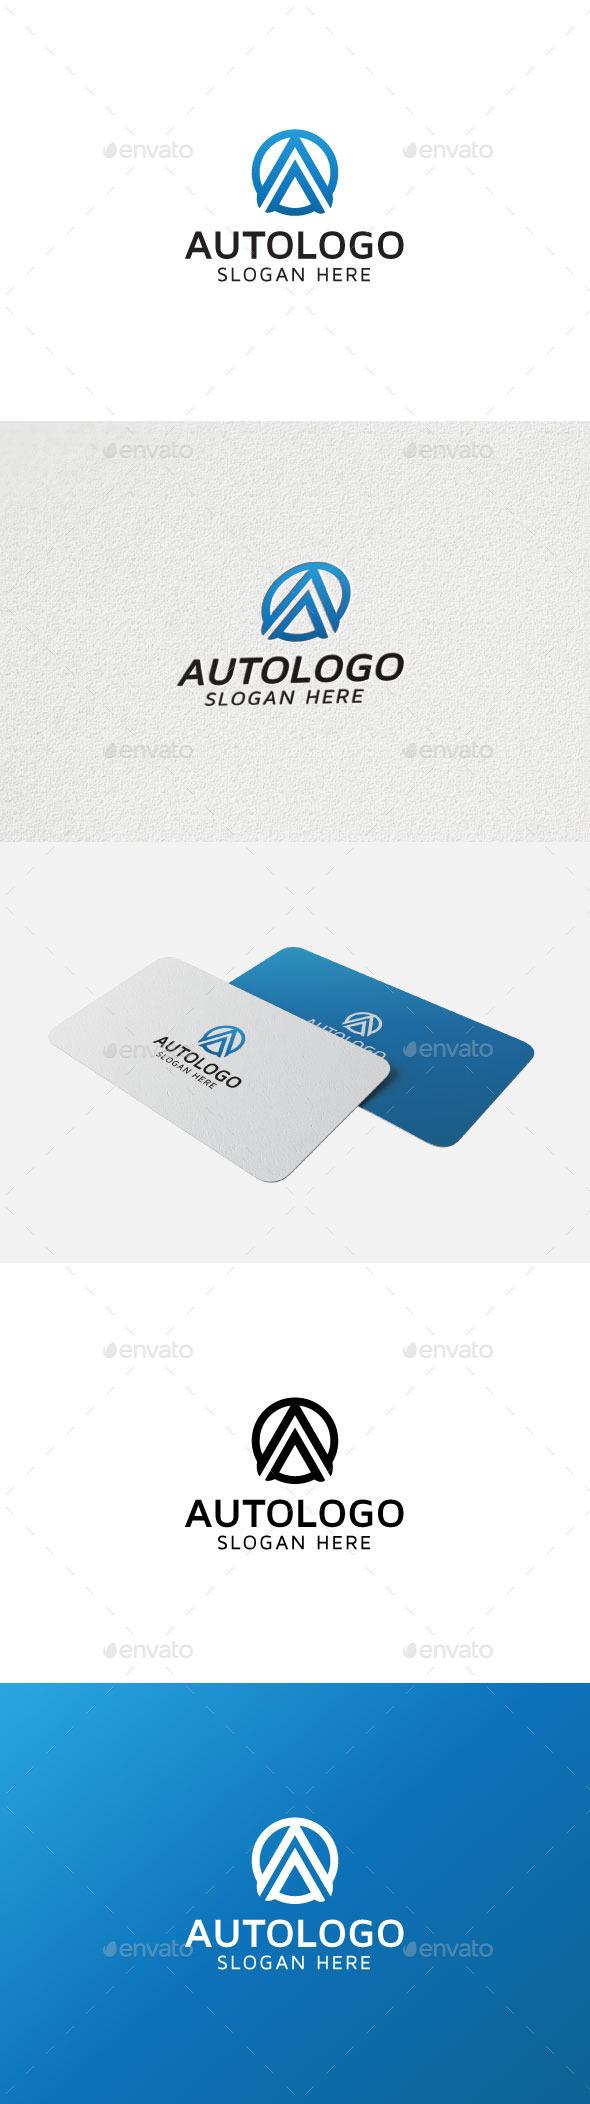 GraphicRiver Auto Logo 9943249